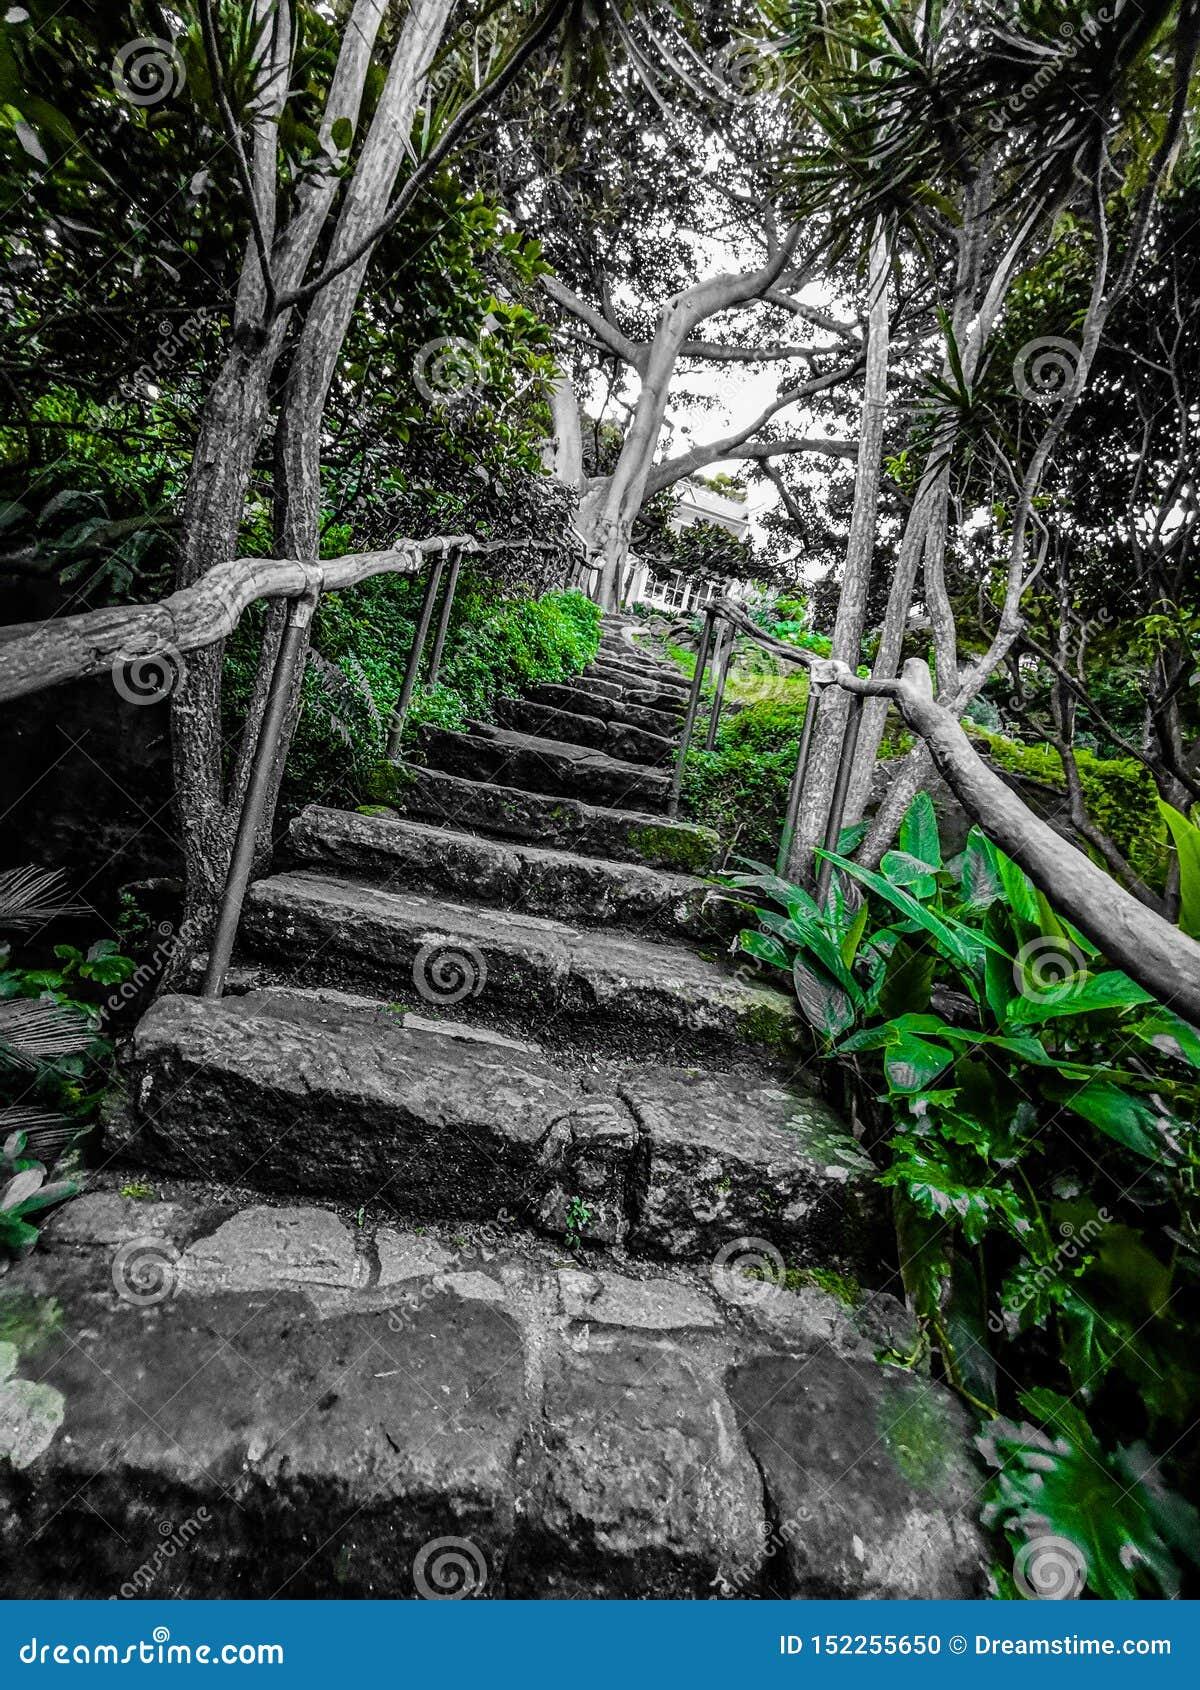 Escaliers filtrés de verdure